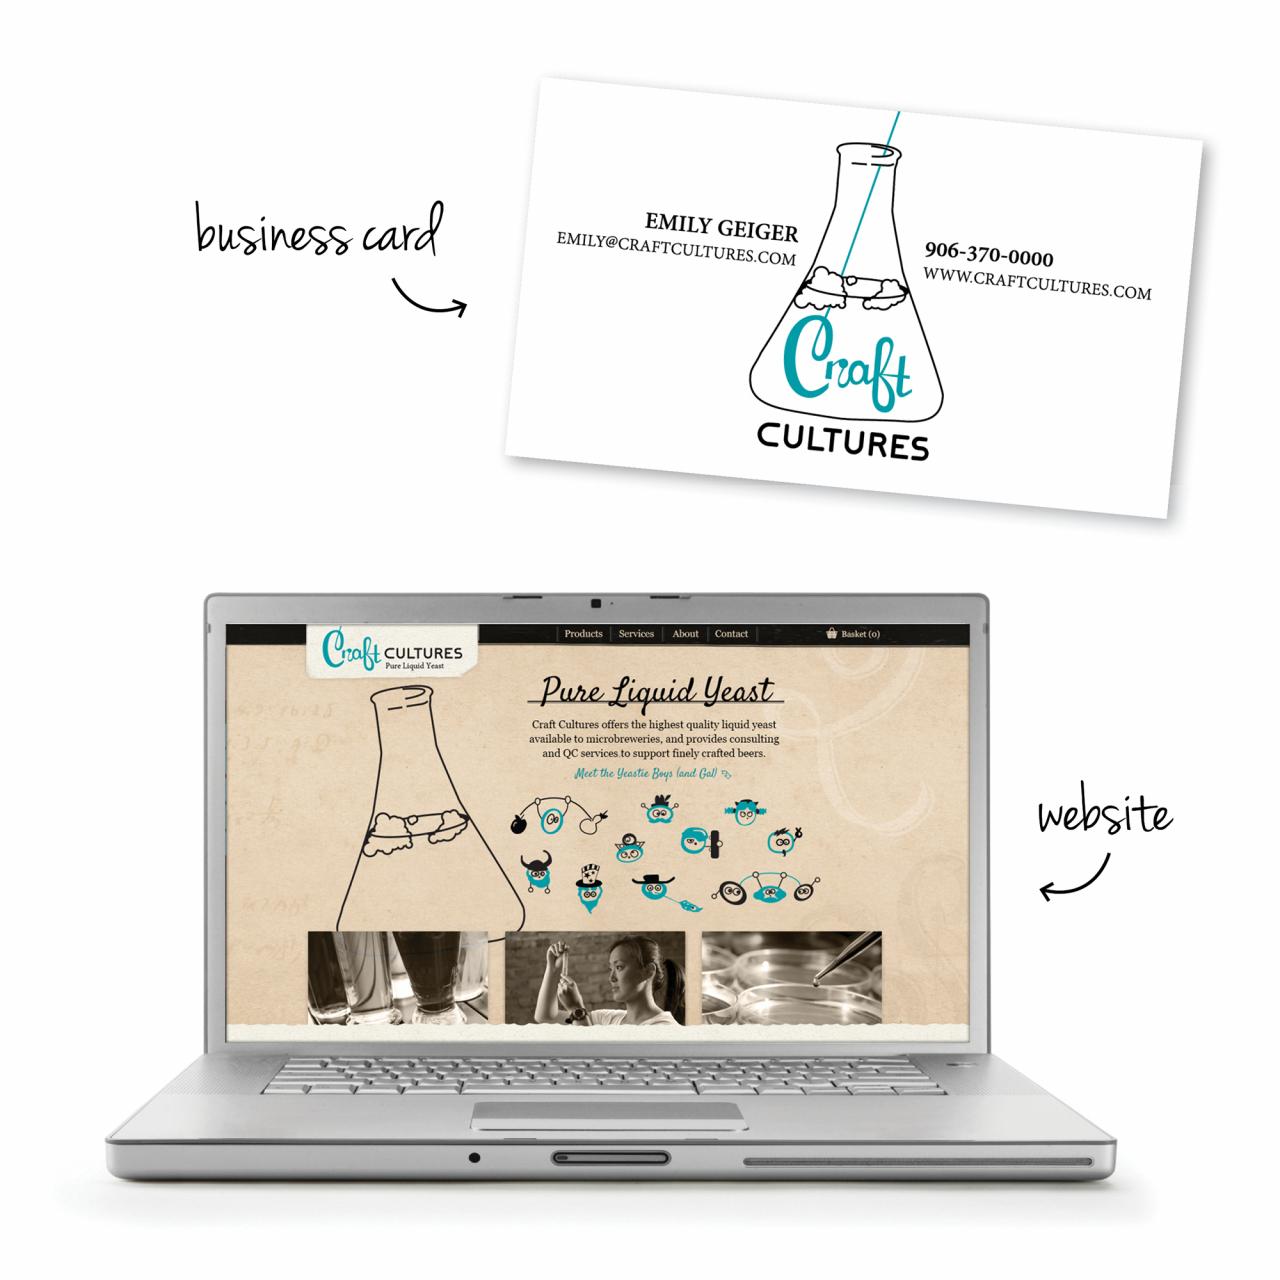 beer website branding